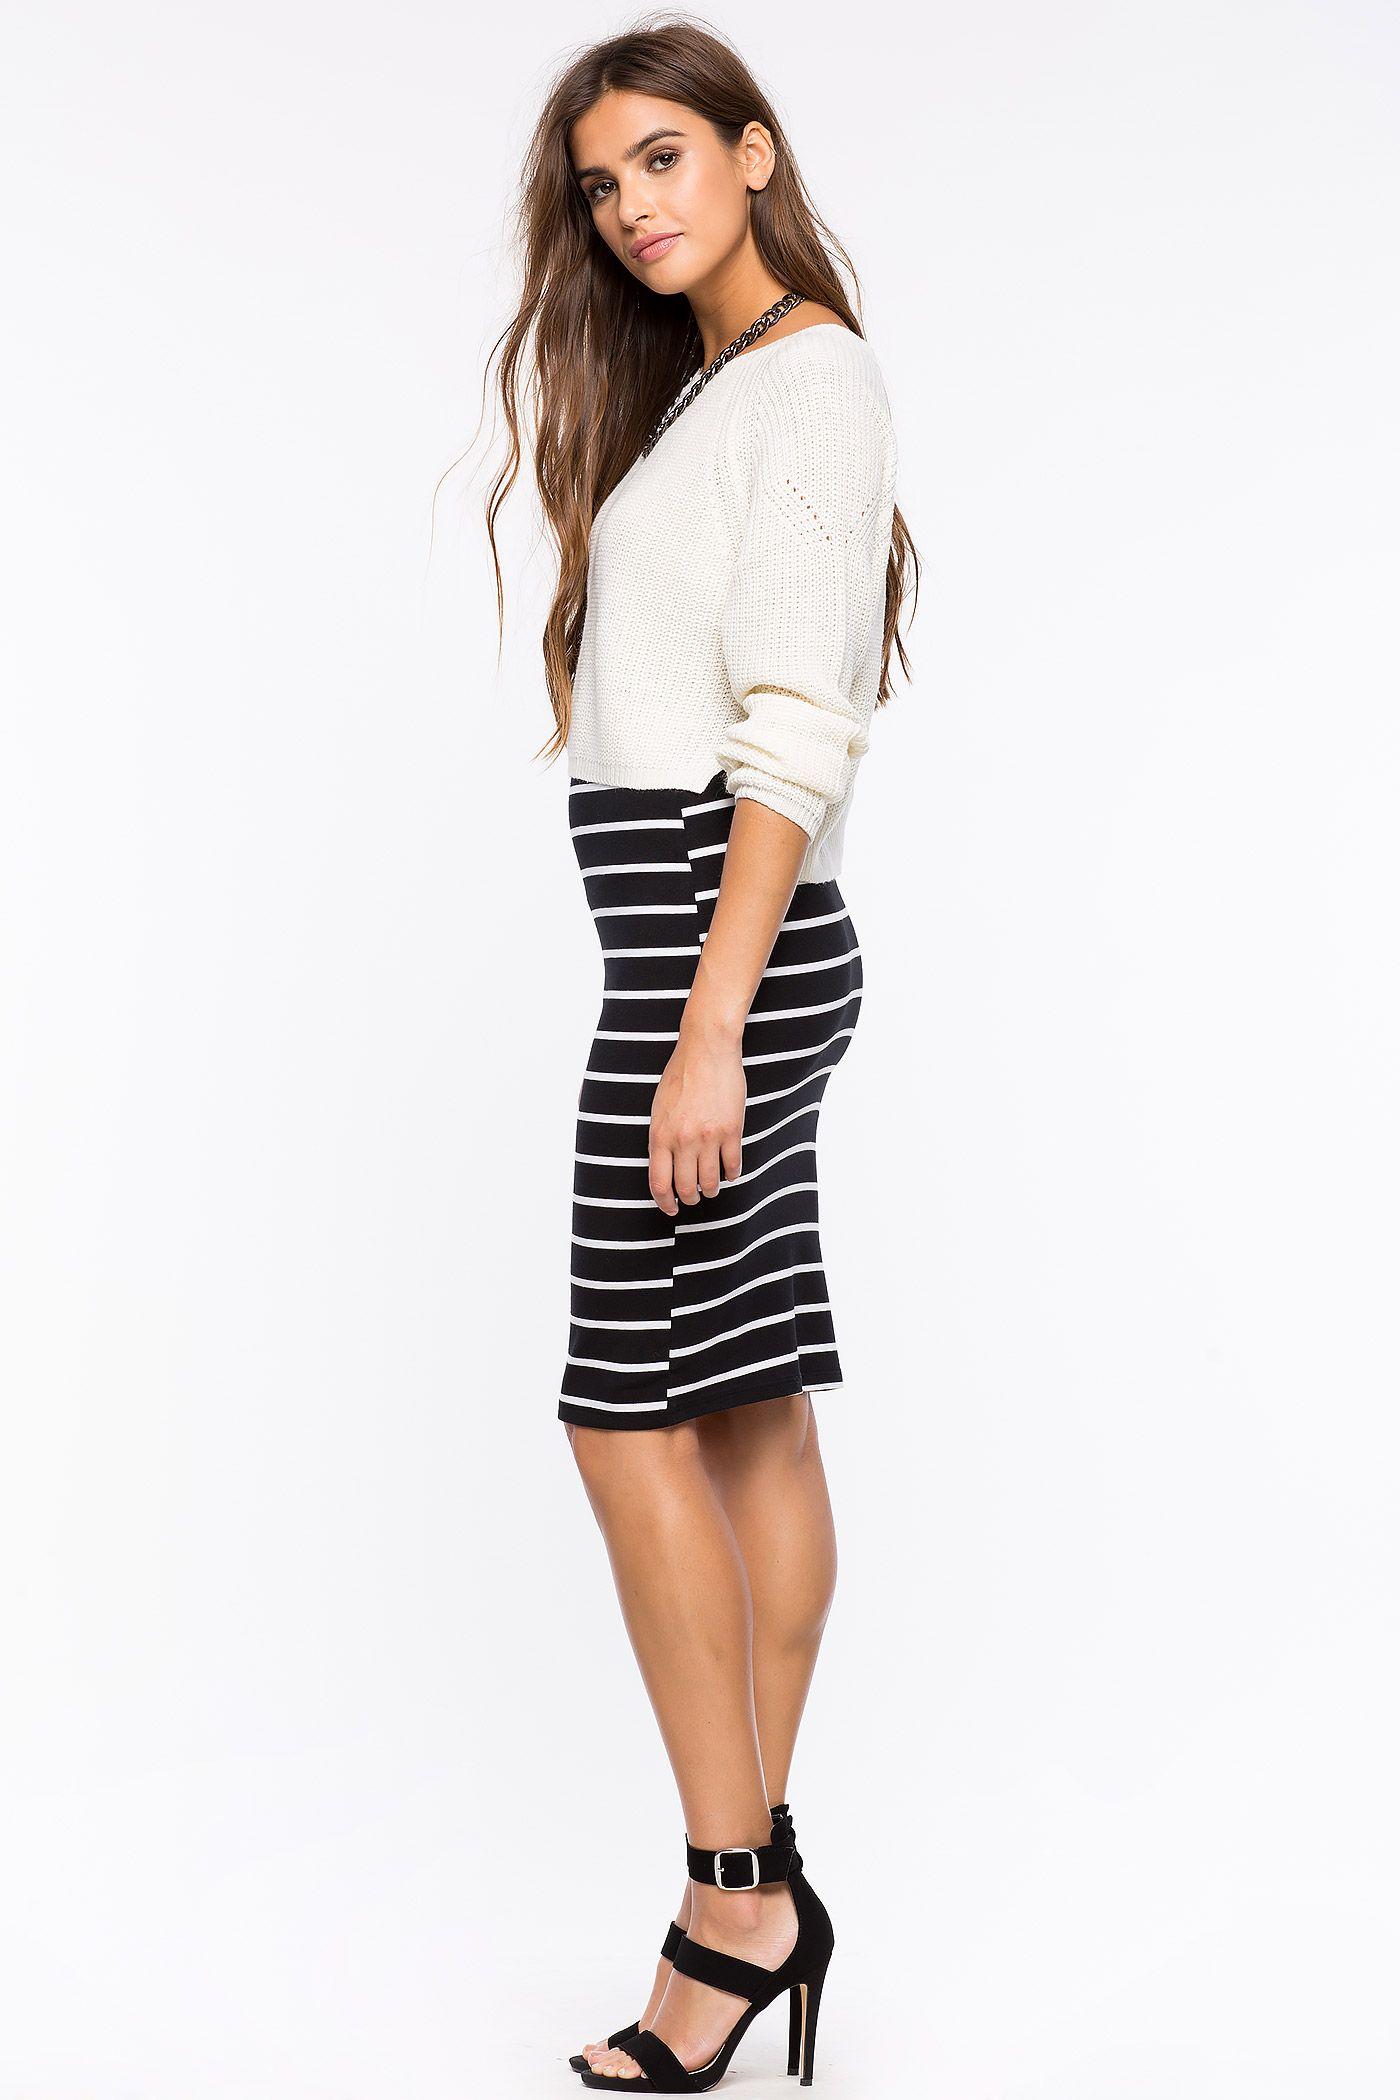 Какой размер юбки l